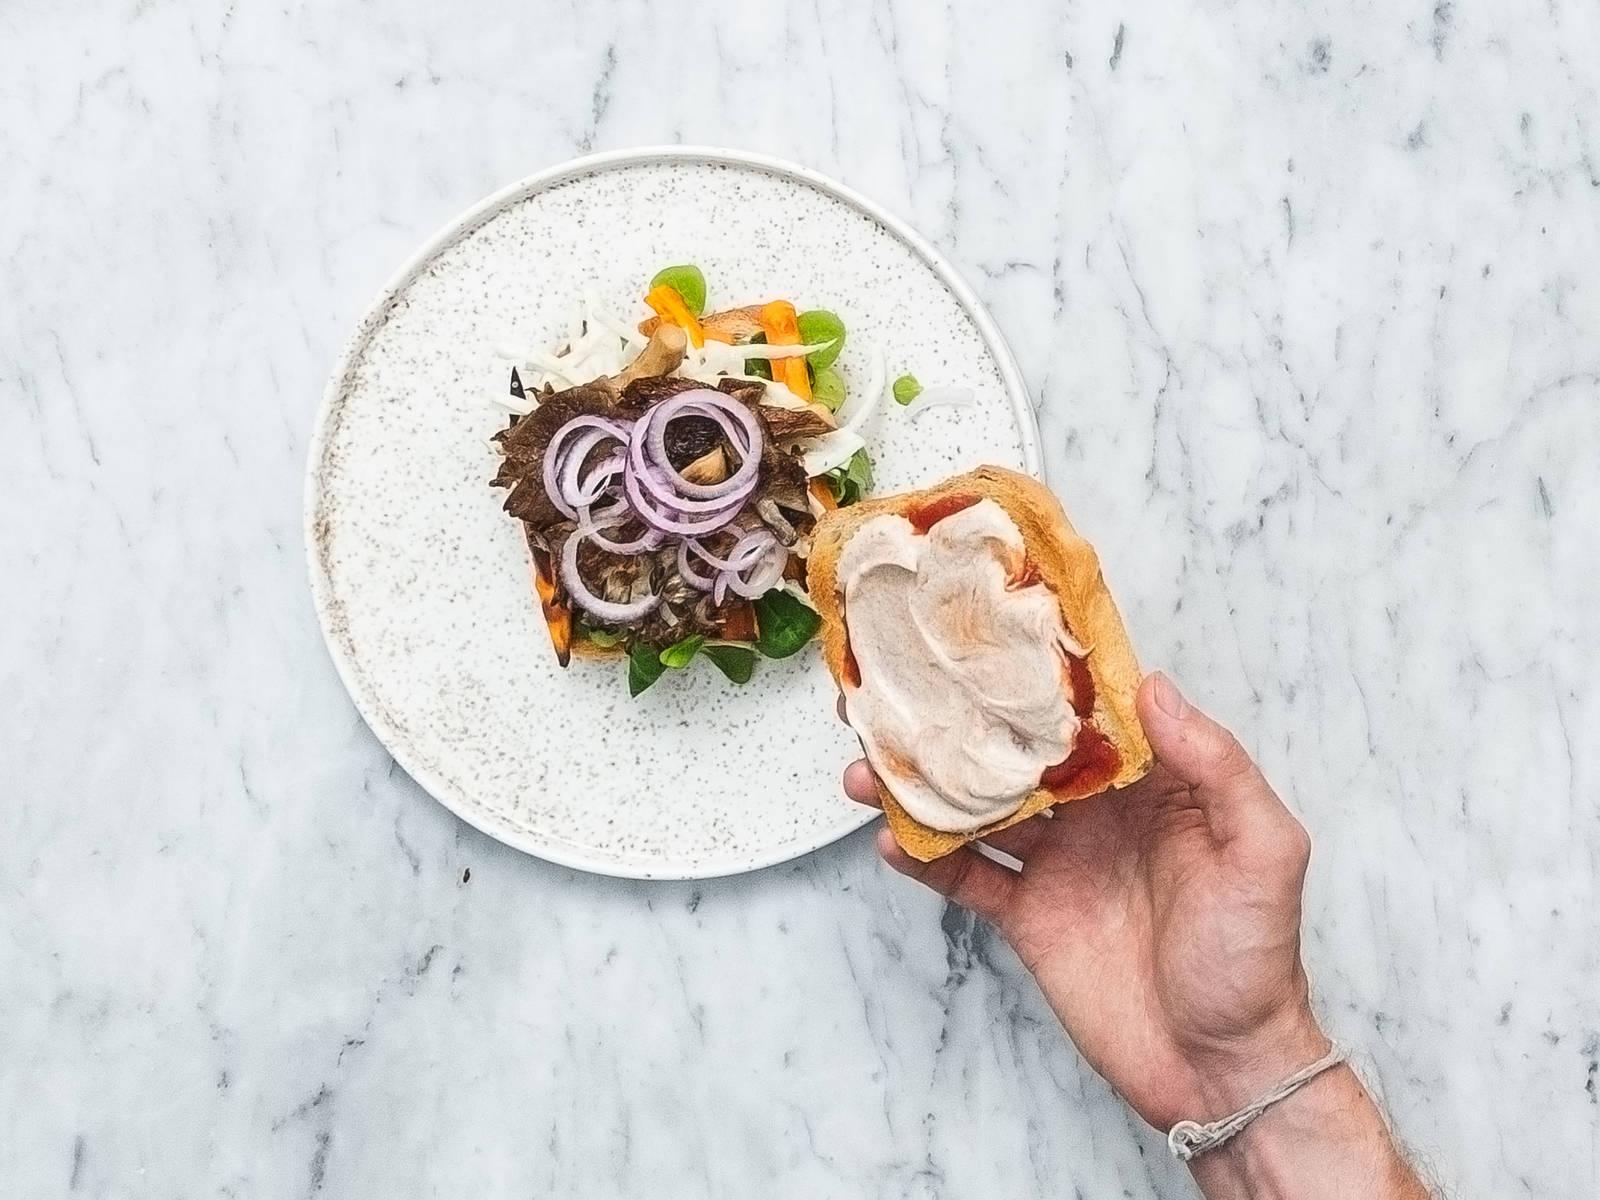 Ketchup und die vegane Chili-Zimt-Mayo auf den getoasteten Brotscheiben verteilen. Die Hälfte der Brotscheiben mit Feldsalat, Süßkartoffelpommes, Weißkraut, gebratenen Austernpilzen und einigen Zwiebelringen belegen. Die andere Hälfte der Brotscheiben darauf legen. Guten Appetit!